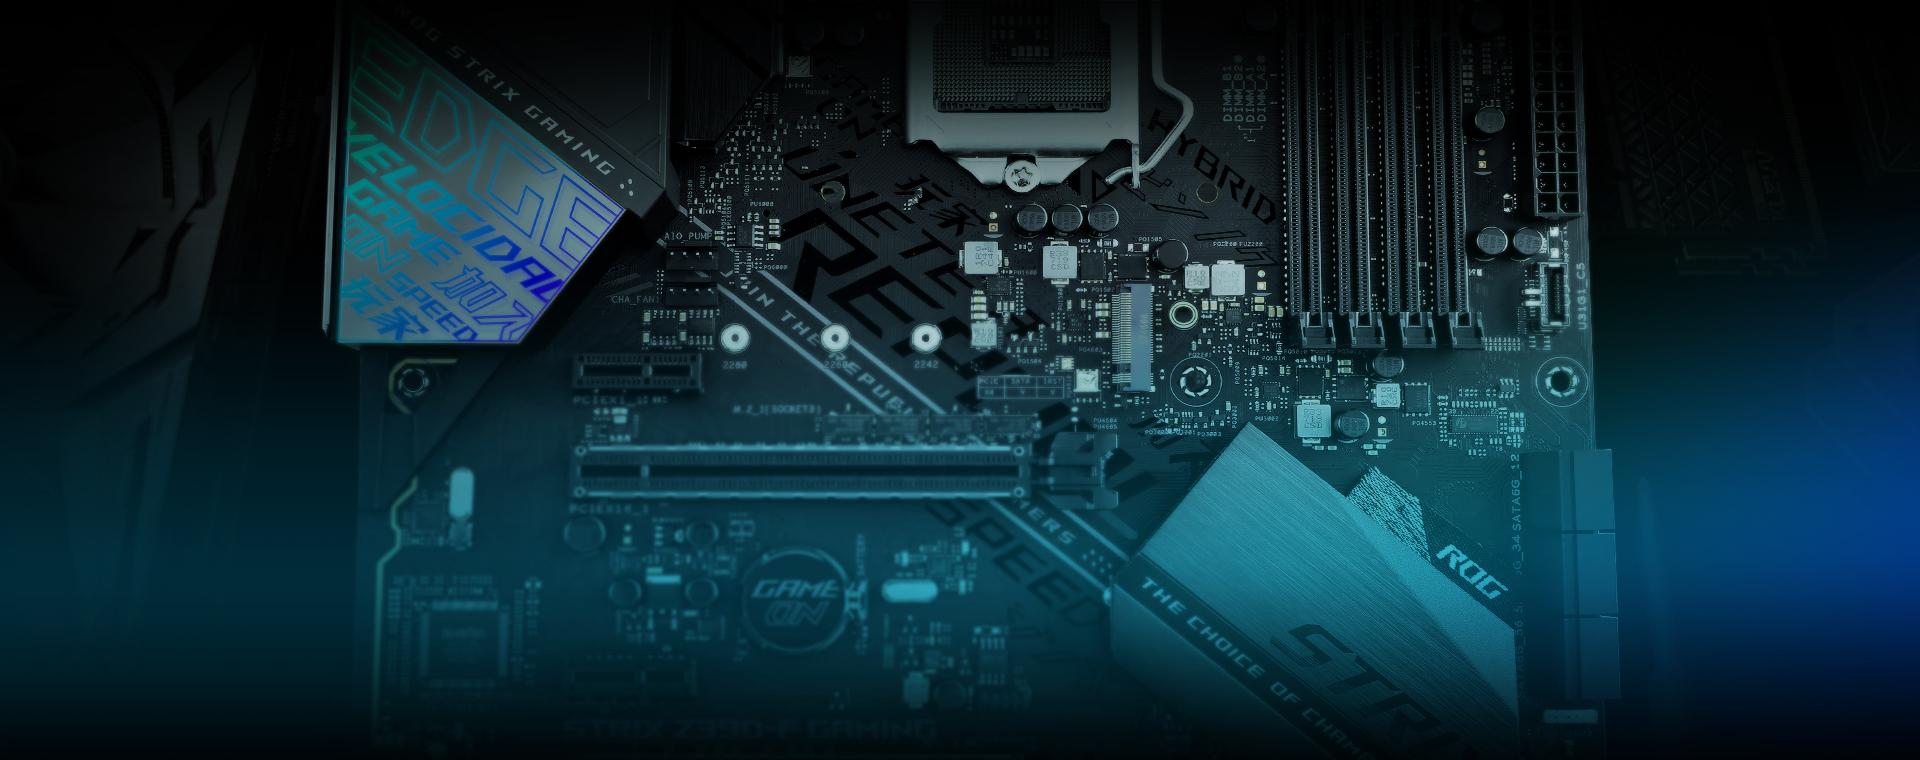 ROG STRIX Z390-F GAMING | Motherboards | ASUS Global